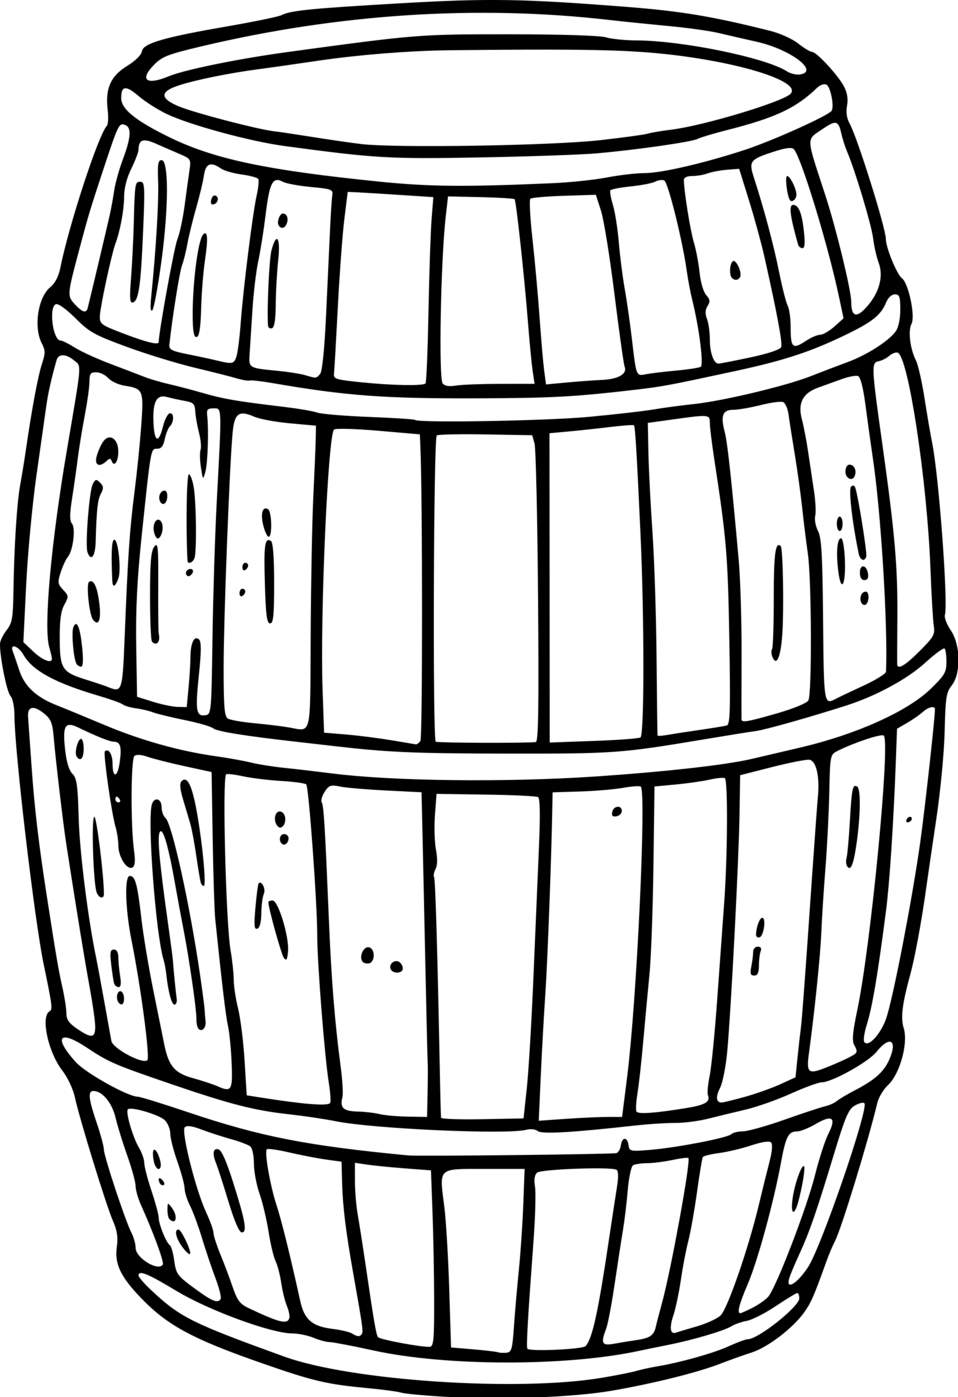 Apple barrel clipart black and white jpg transparent stock Keg Clipart Black And White   Letters Format jpg transparent stock